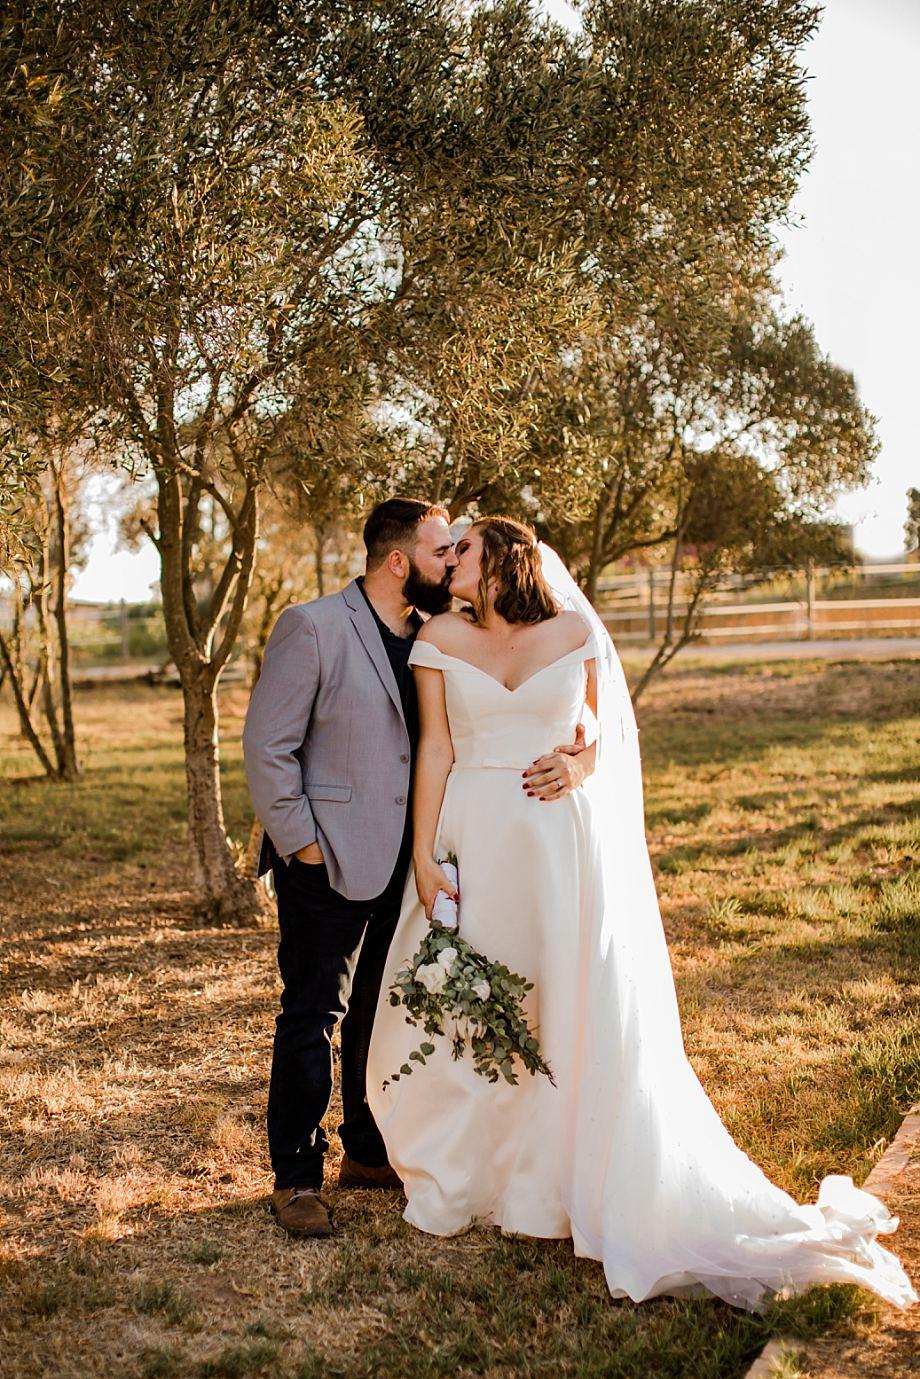 KACEY & MORNE WED (521)